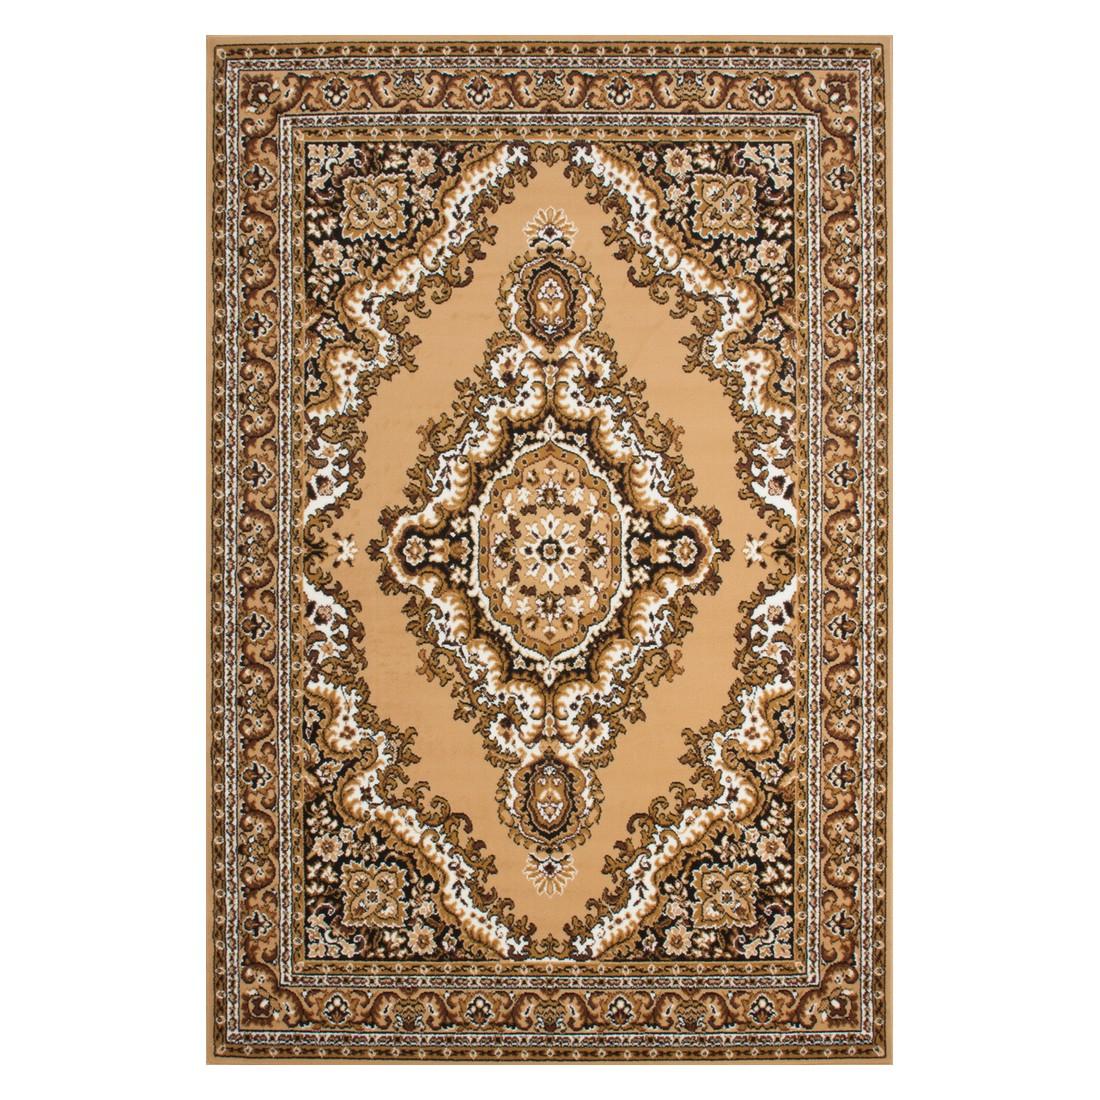 Teppich Aladin – Beige – 160 x 230 cm, Kayoom jetzt kaufen